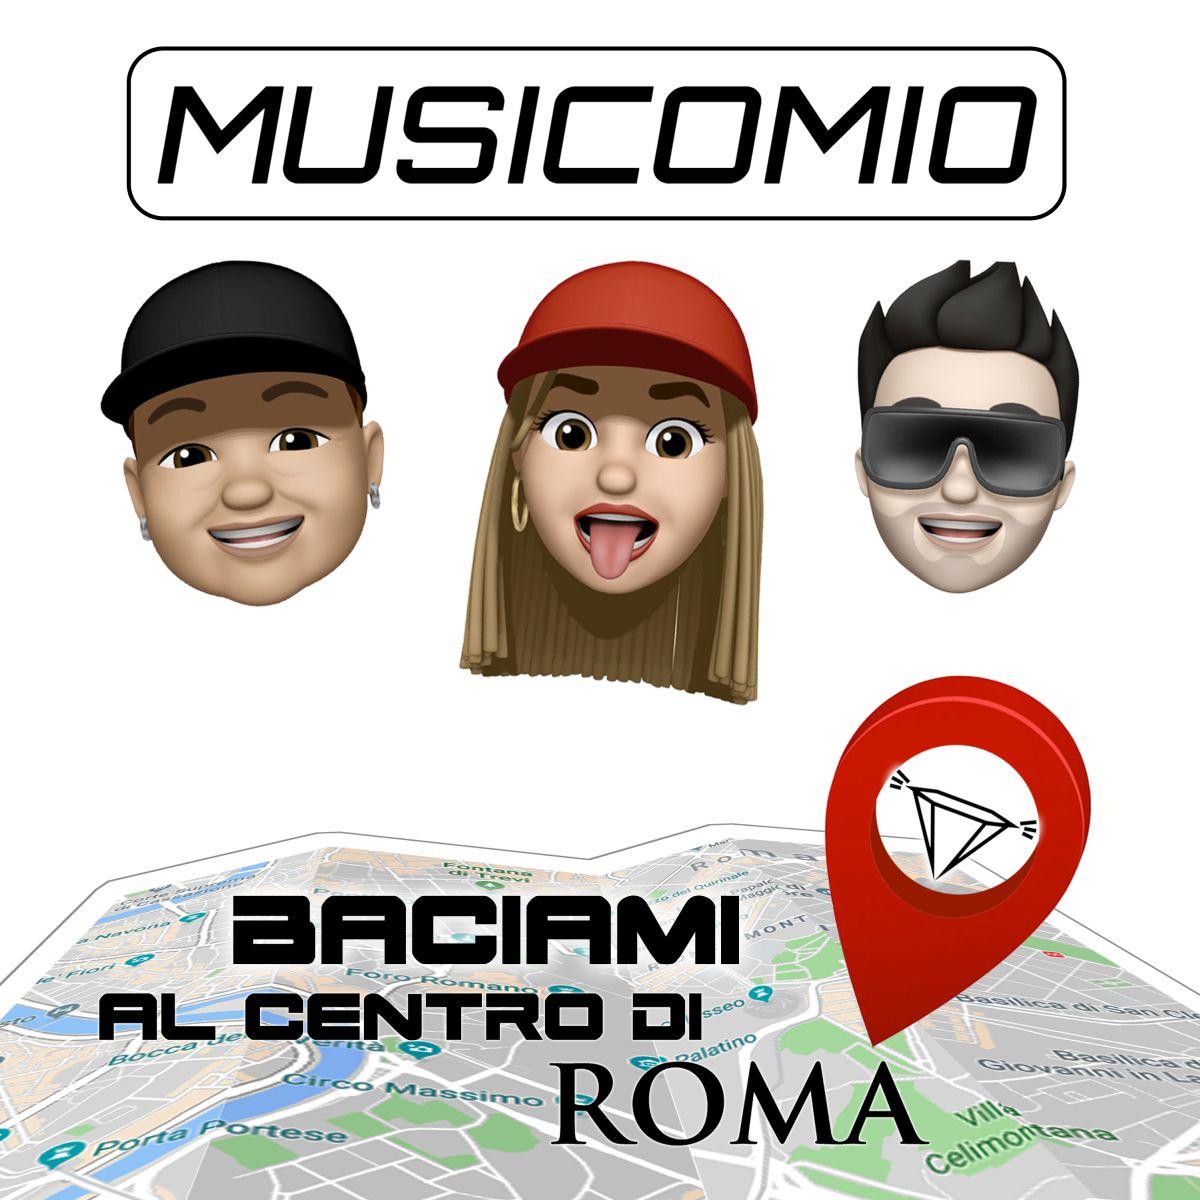 musicomio